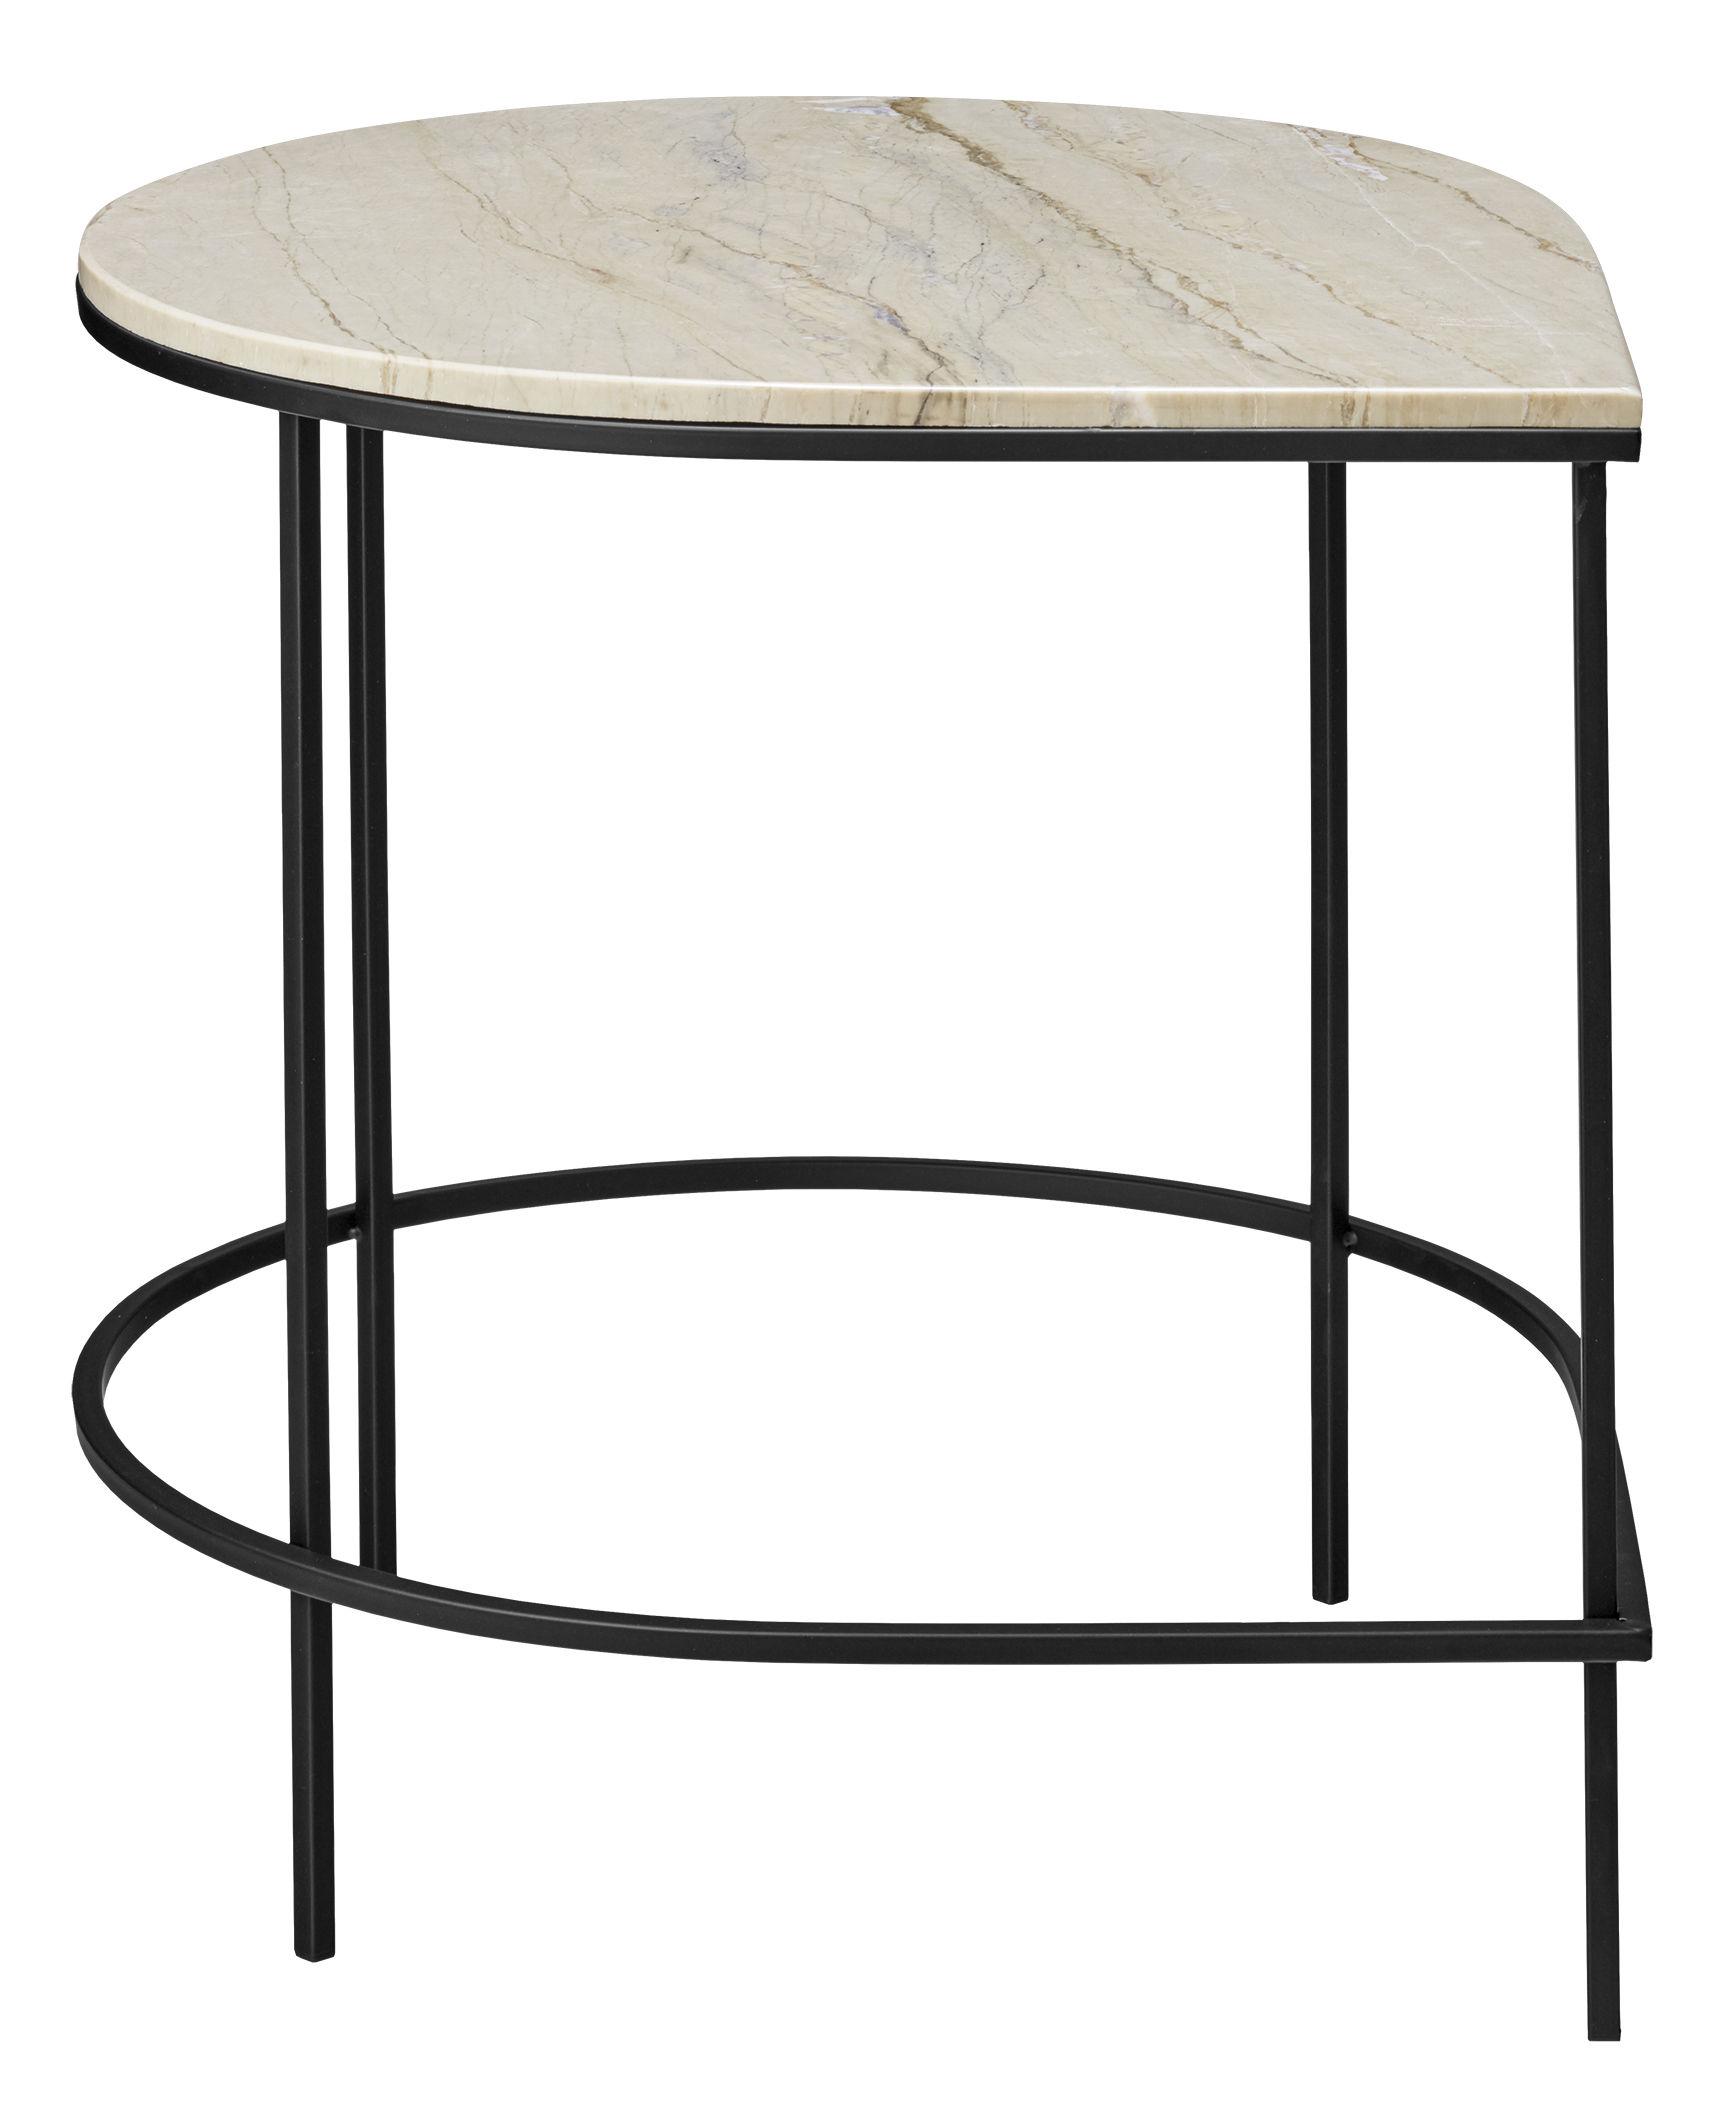 table d 39 appoint stilla aytm marbre blanc pied noir h 50 made in design. Black Bedroom Furniture Sets. Home Design Ideas